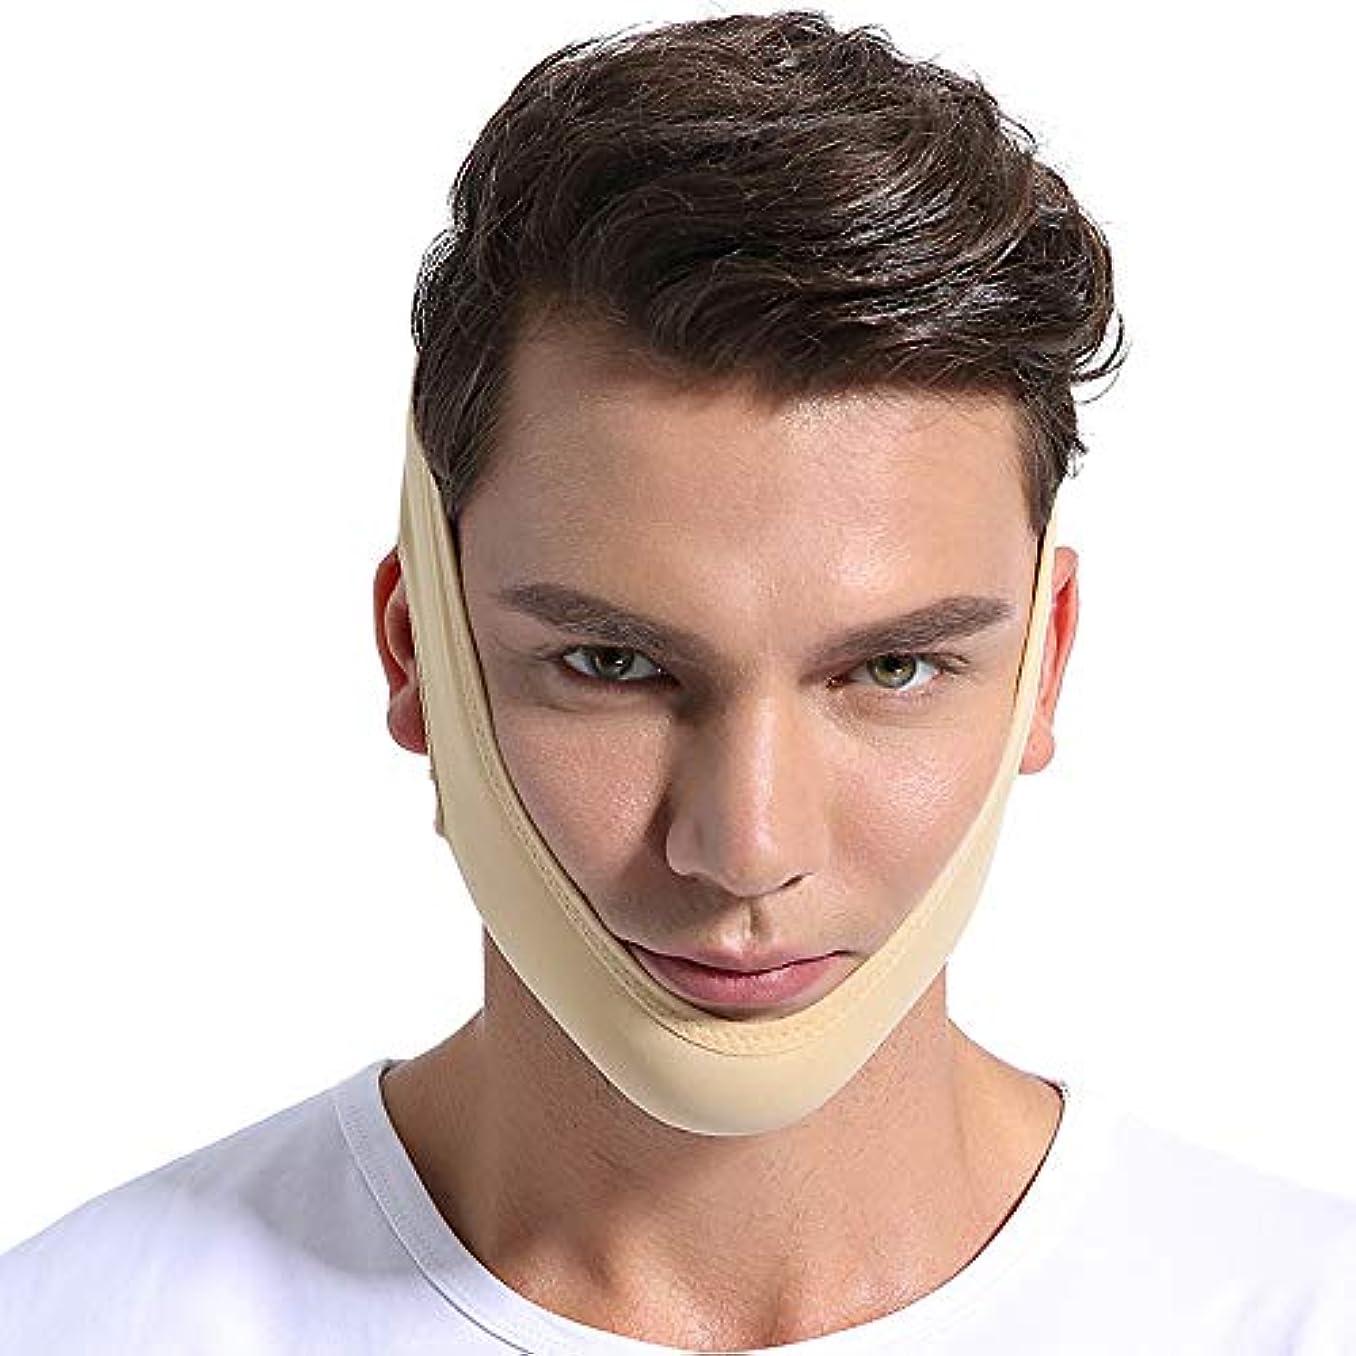 ひねくれたエラーブーム顔面持ち上げ用具、Vフェイスの薄い顔の包帯顔面マッサージ器リフティングパッキングマスク,L